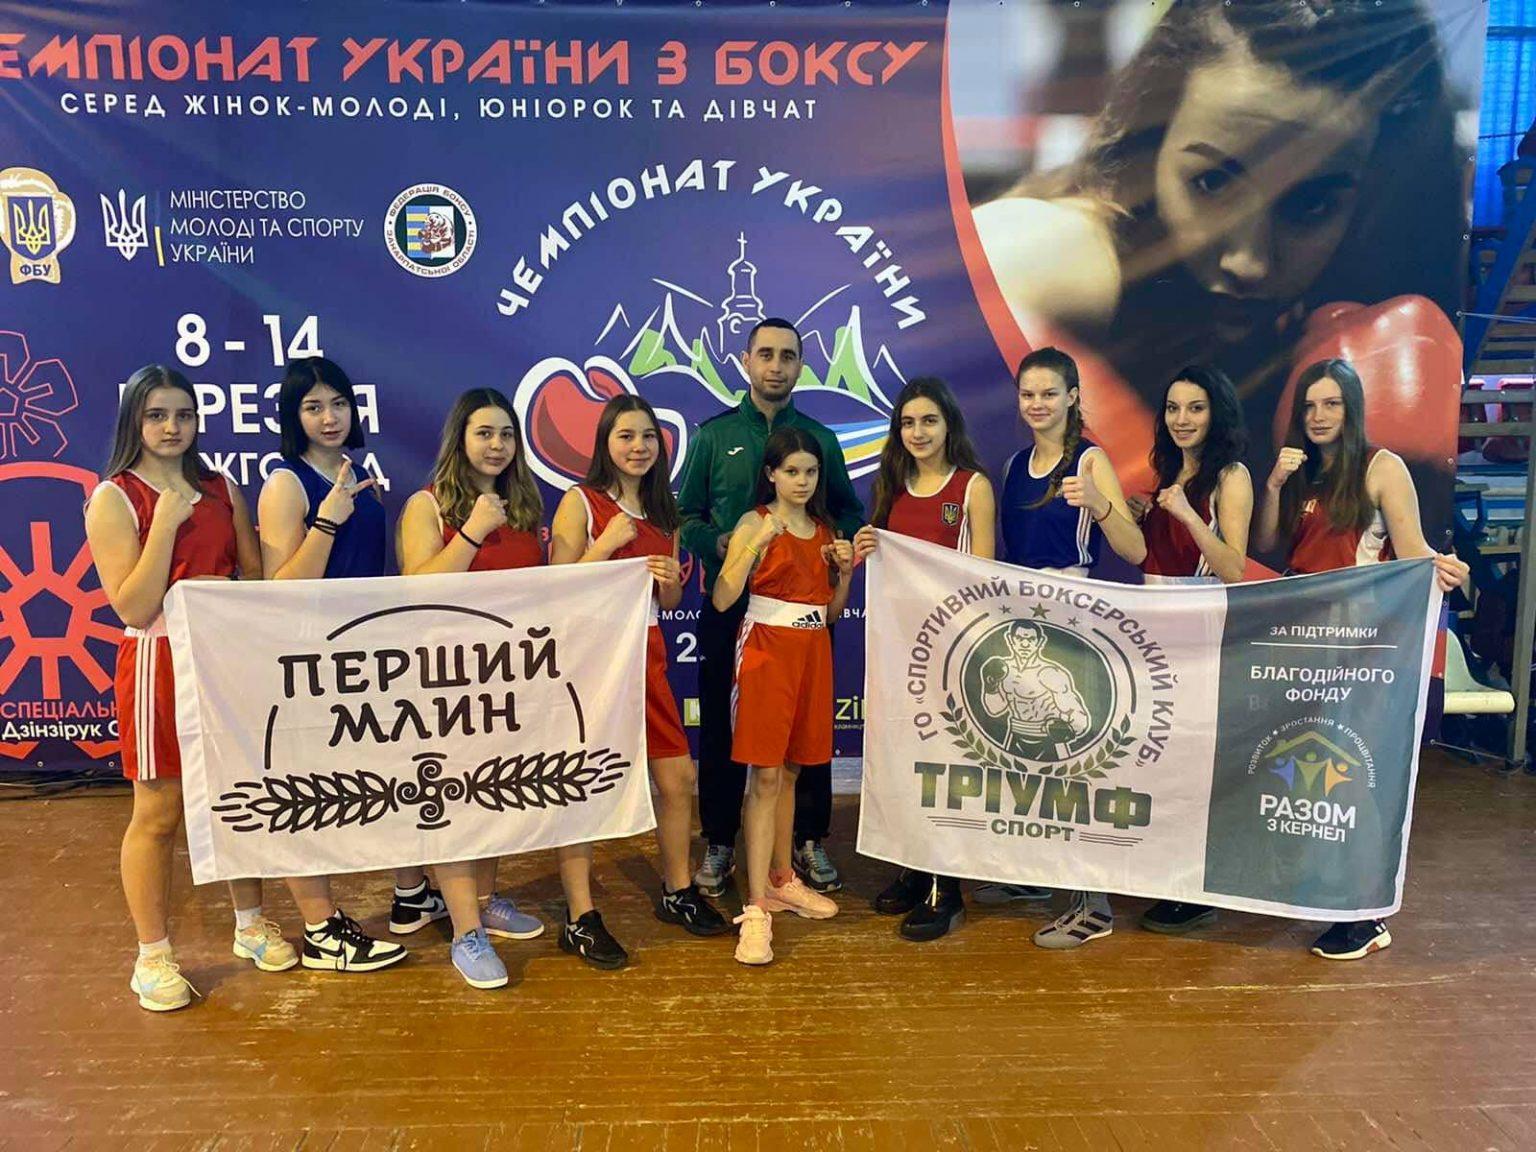 Боксерка з Черкащини представить країну на чемпіонаті Європи